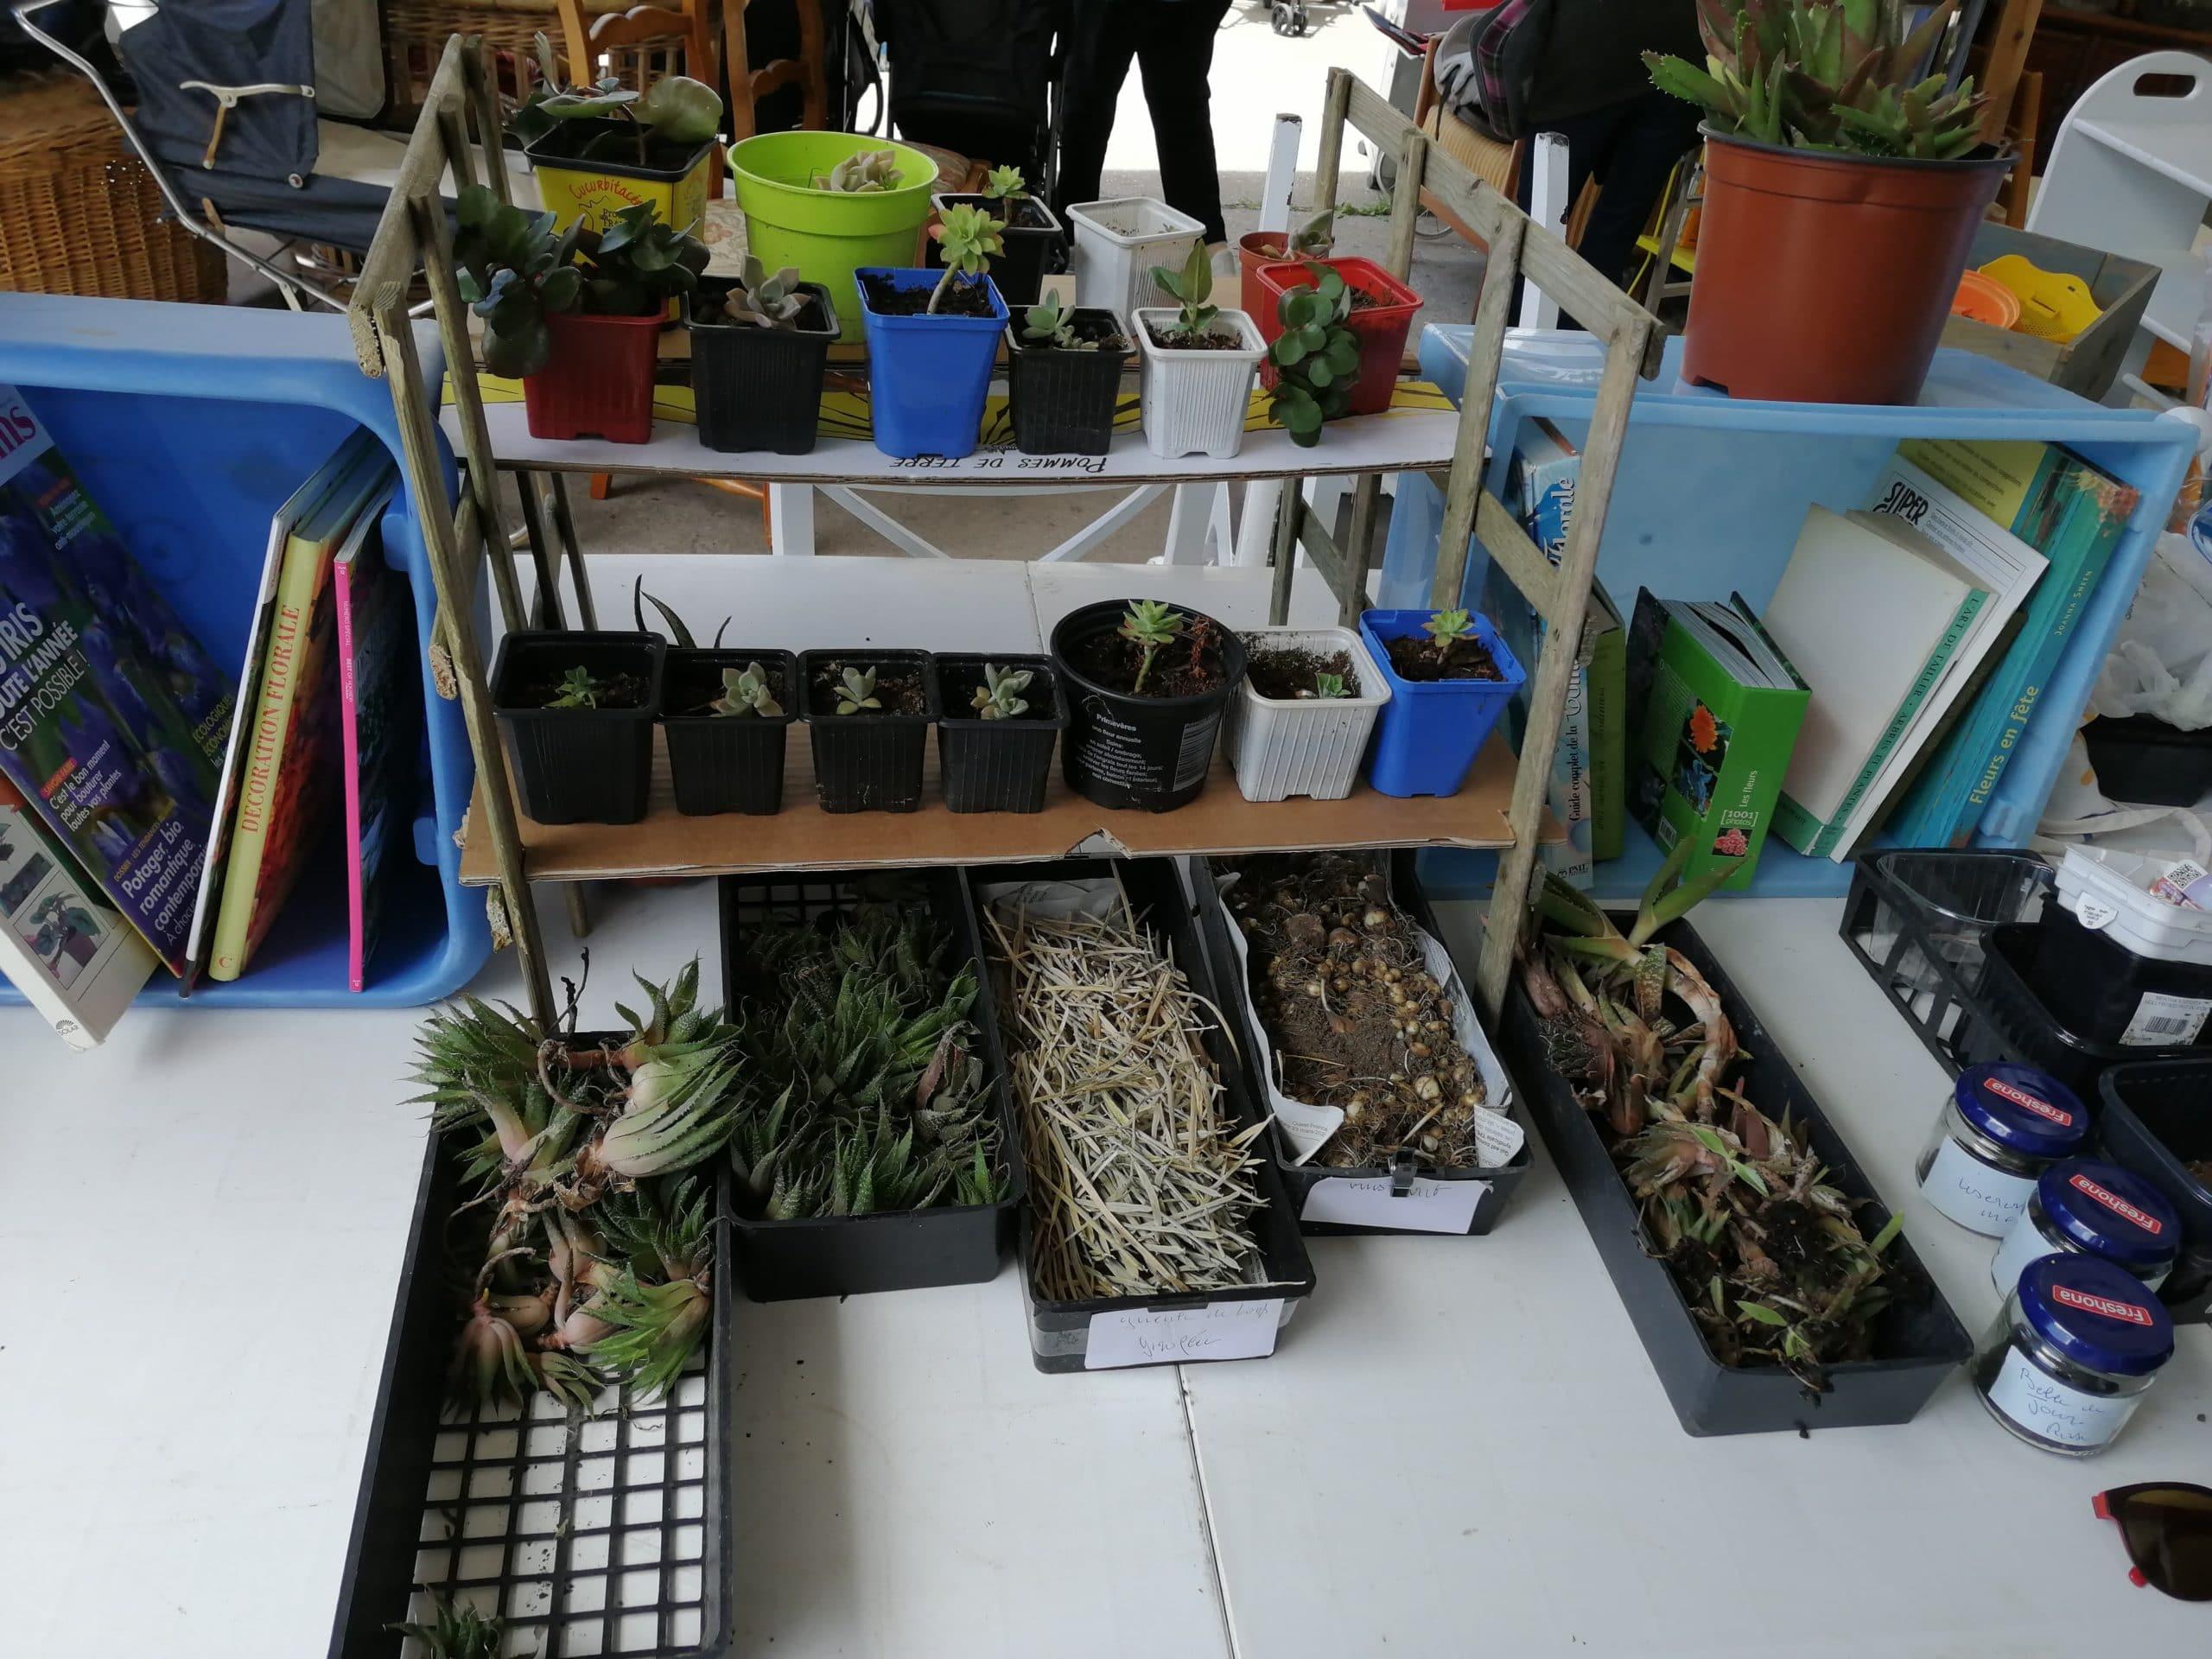 Bourse aux plantes réemploi recyclerie au bonheur de bennes saint nazaire 44